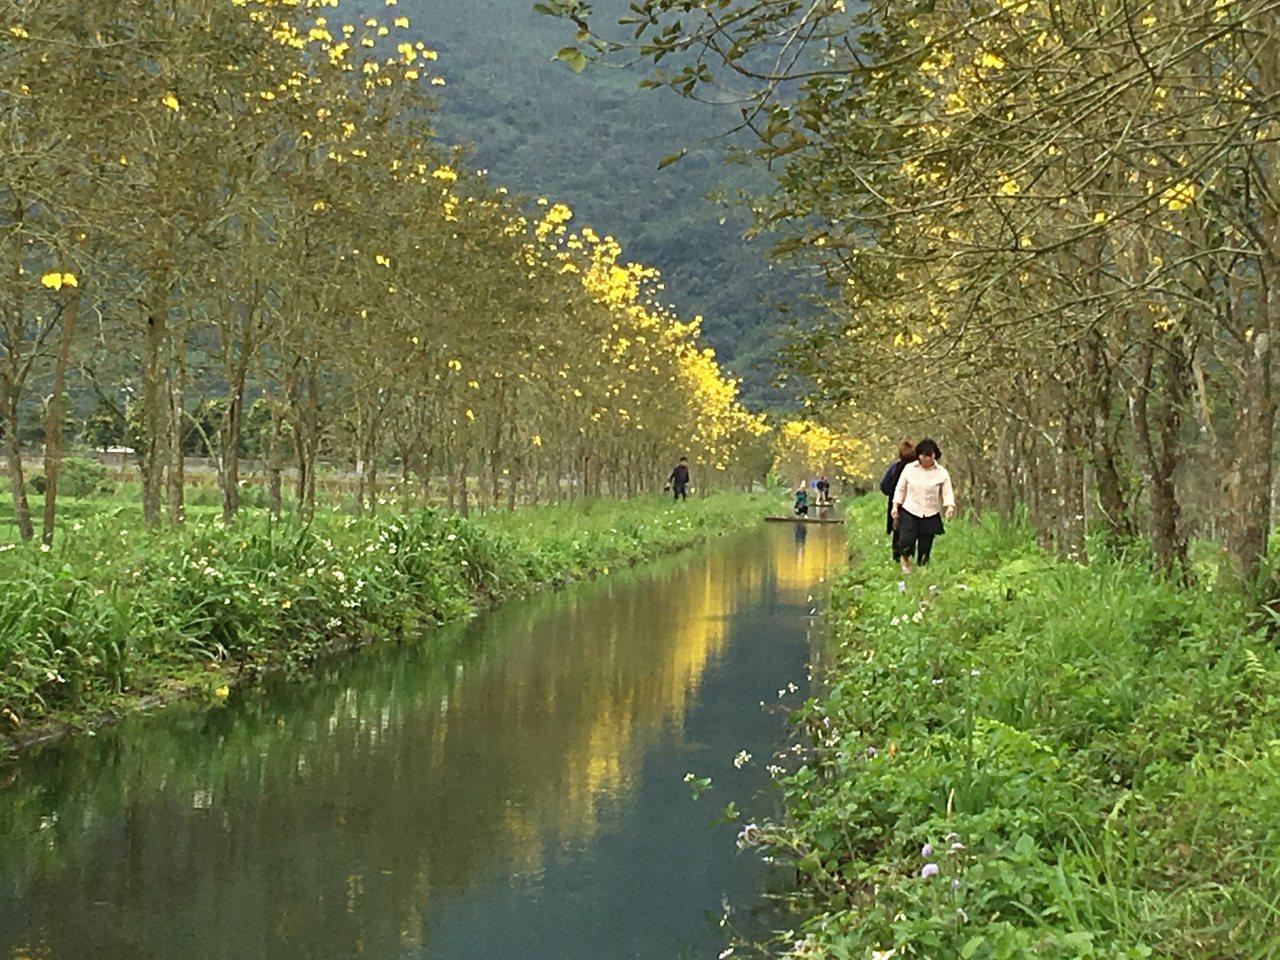 花蓮光復鄉水圳兩旁種植的黃花風鈴木,近來開了許多黃花,印照在清澈流水中,景色浪漫...